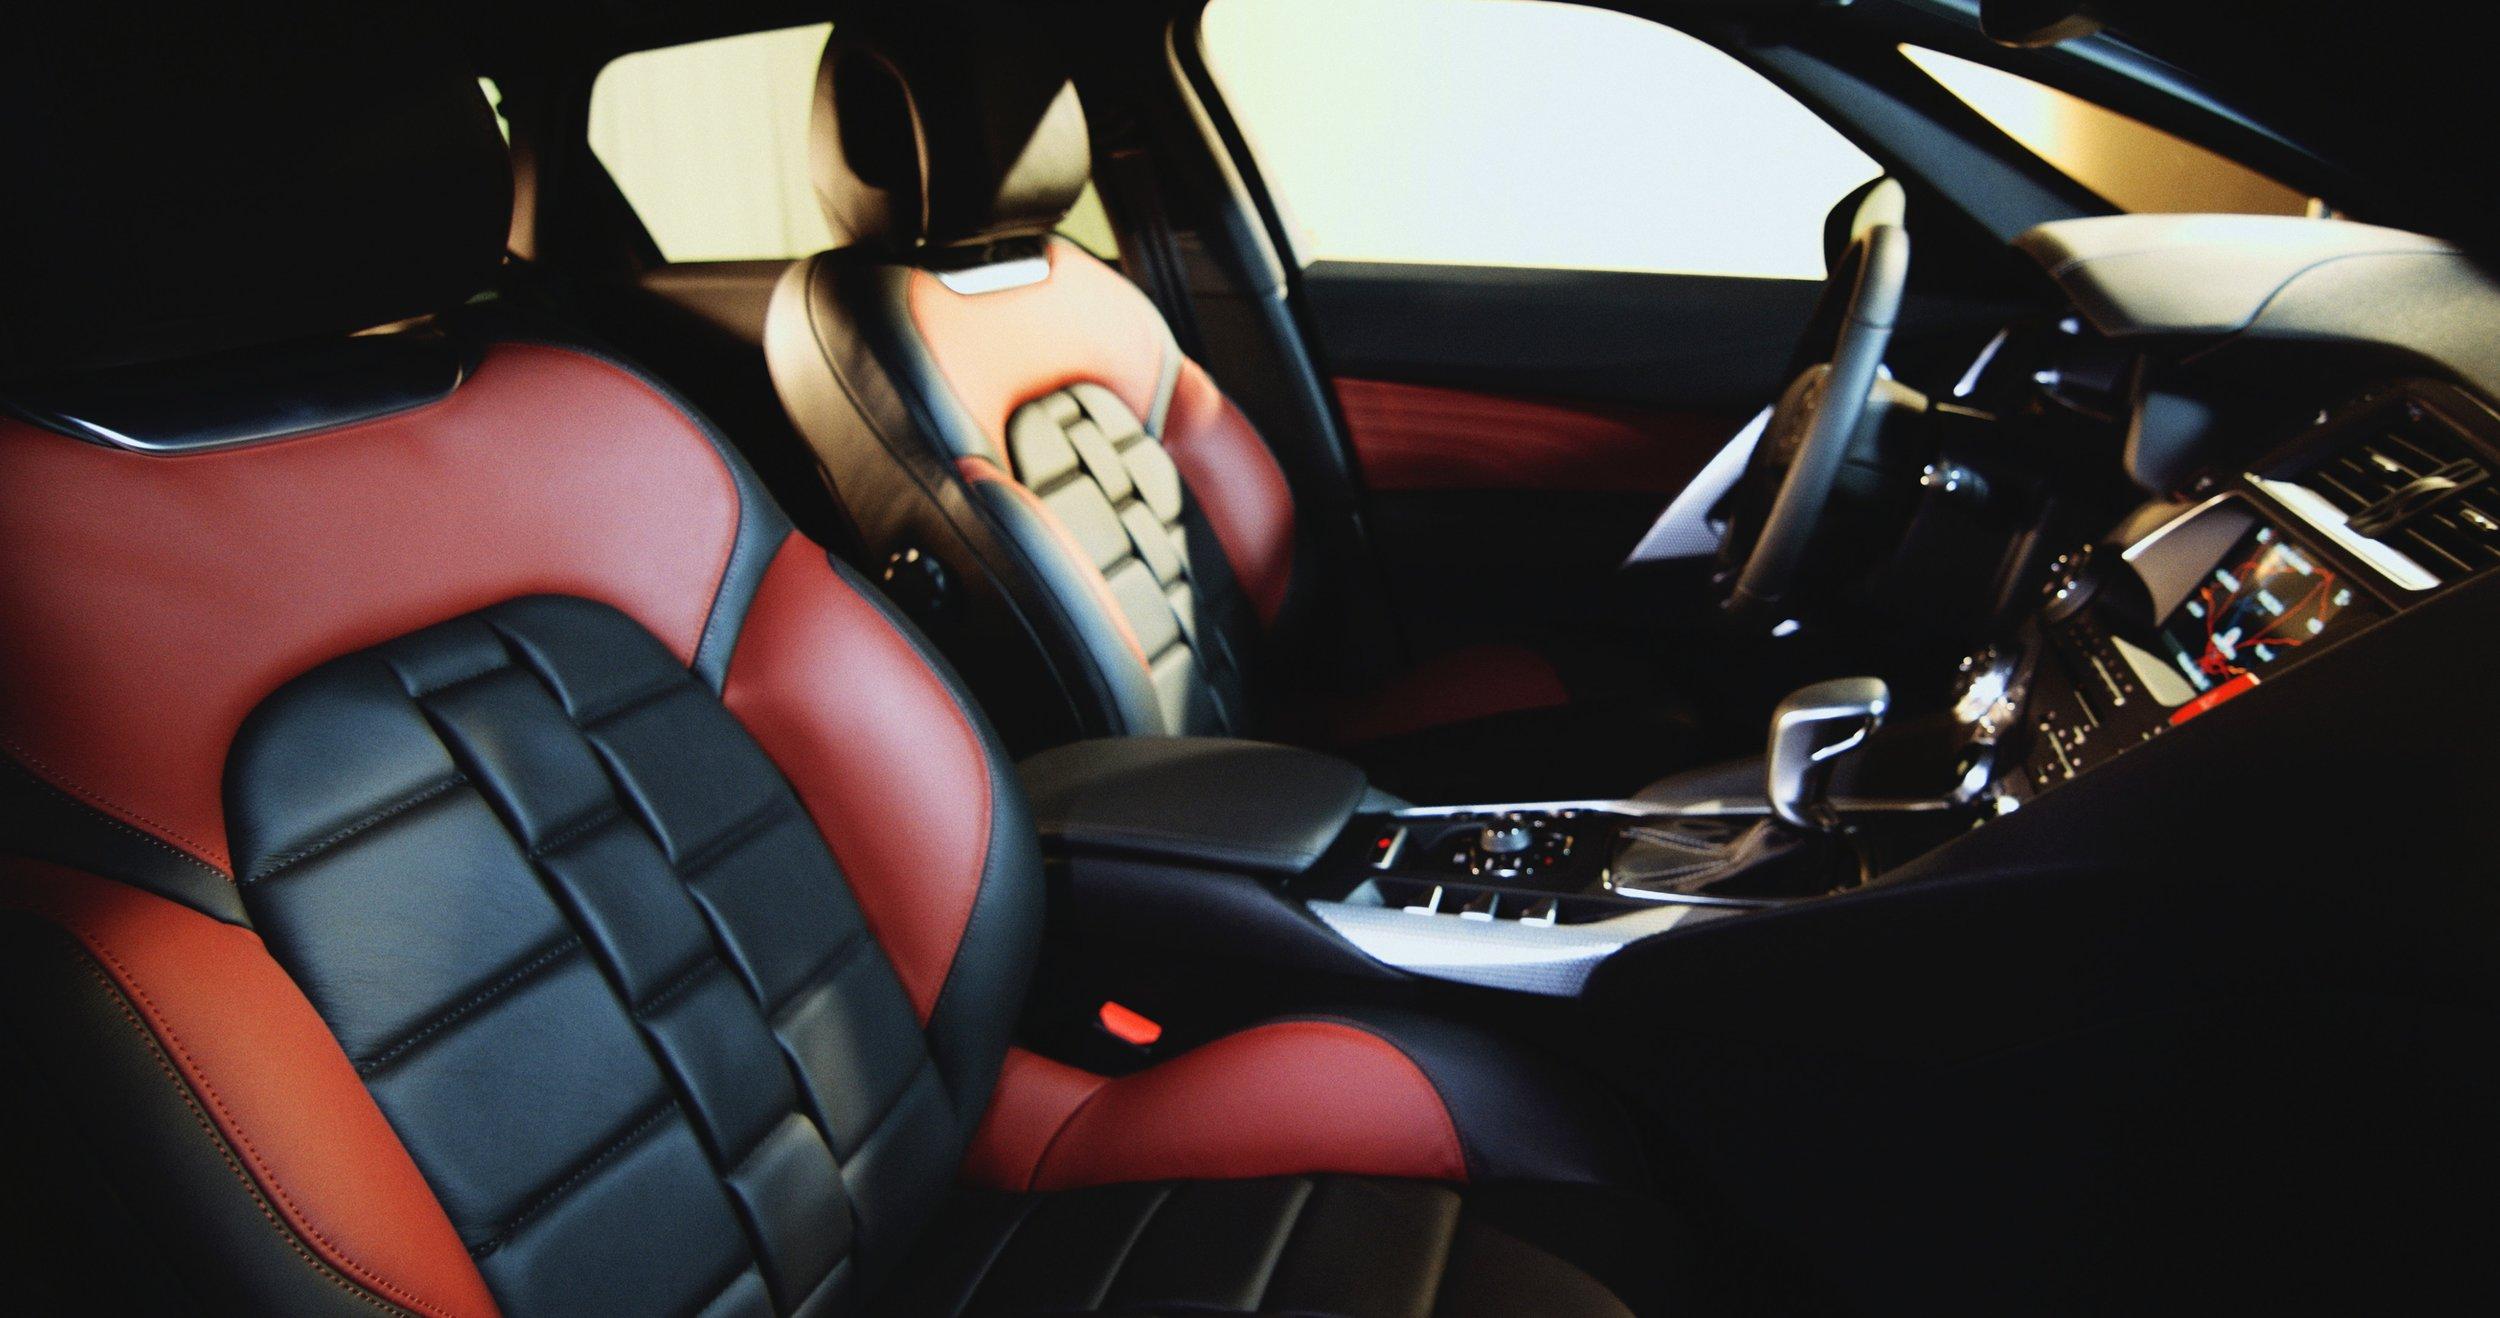 automobile-automotive-car-575096.jpg